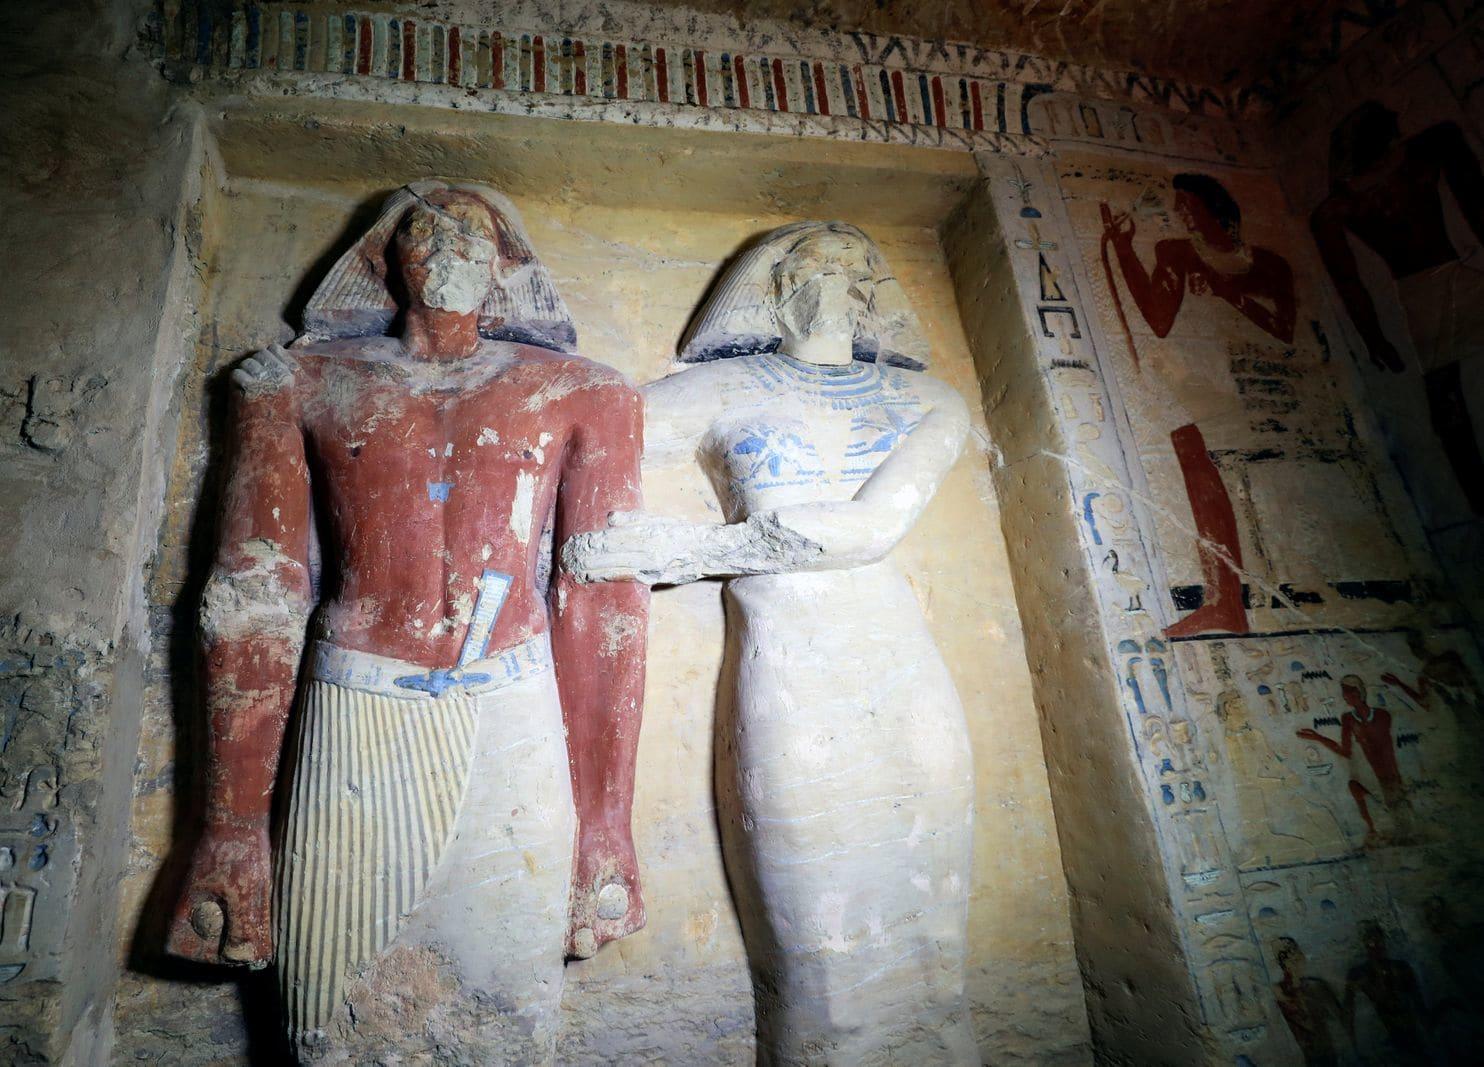 egypt 4400 mum image 3